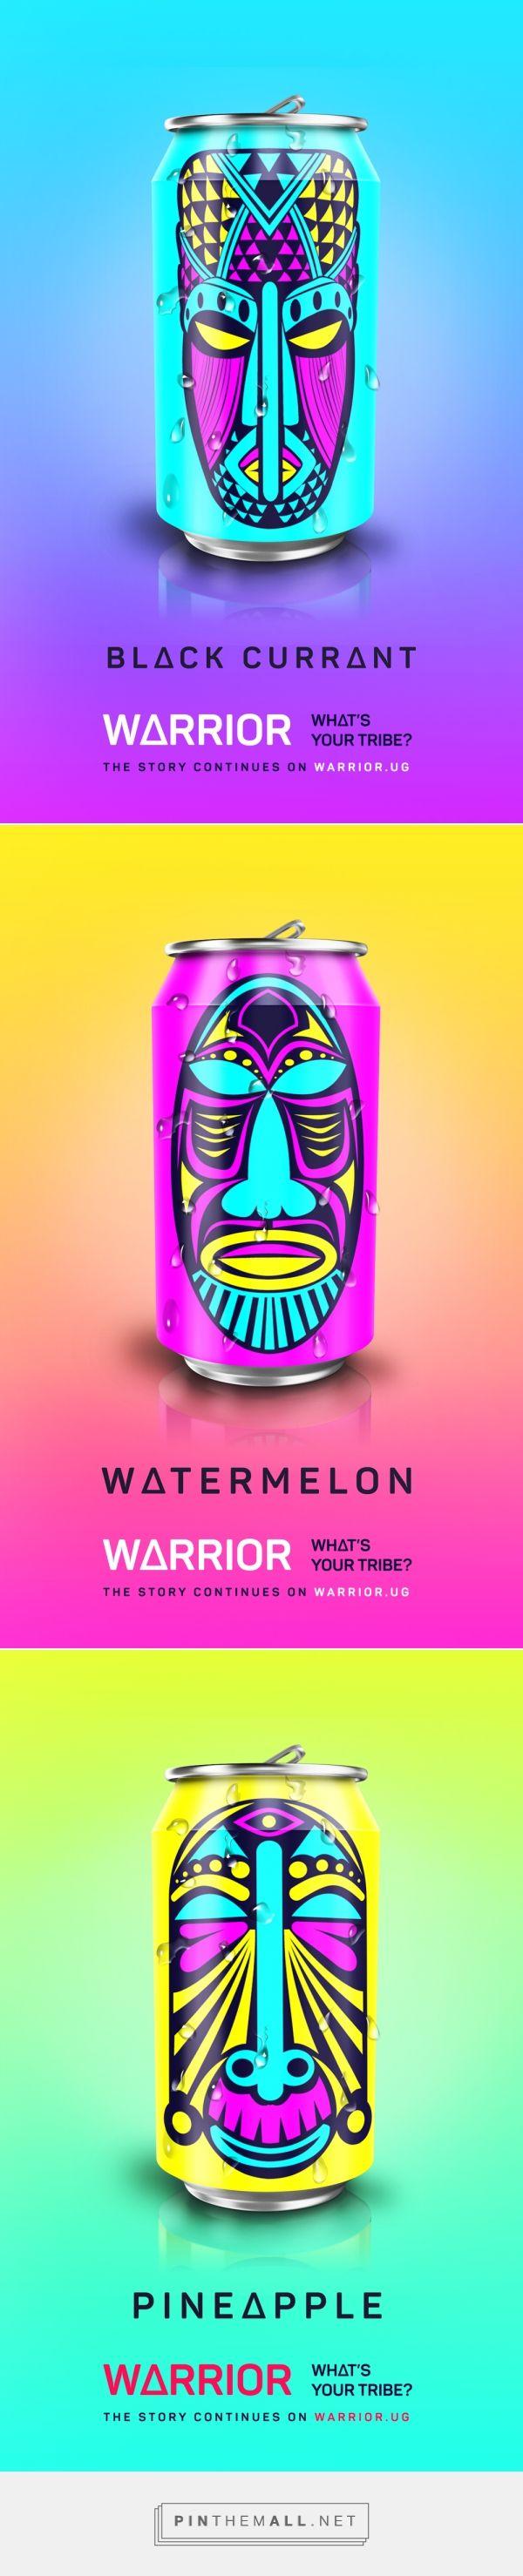 Warrior Energy Drink by Arnold Mugasha